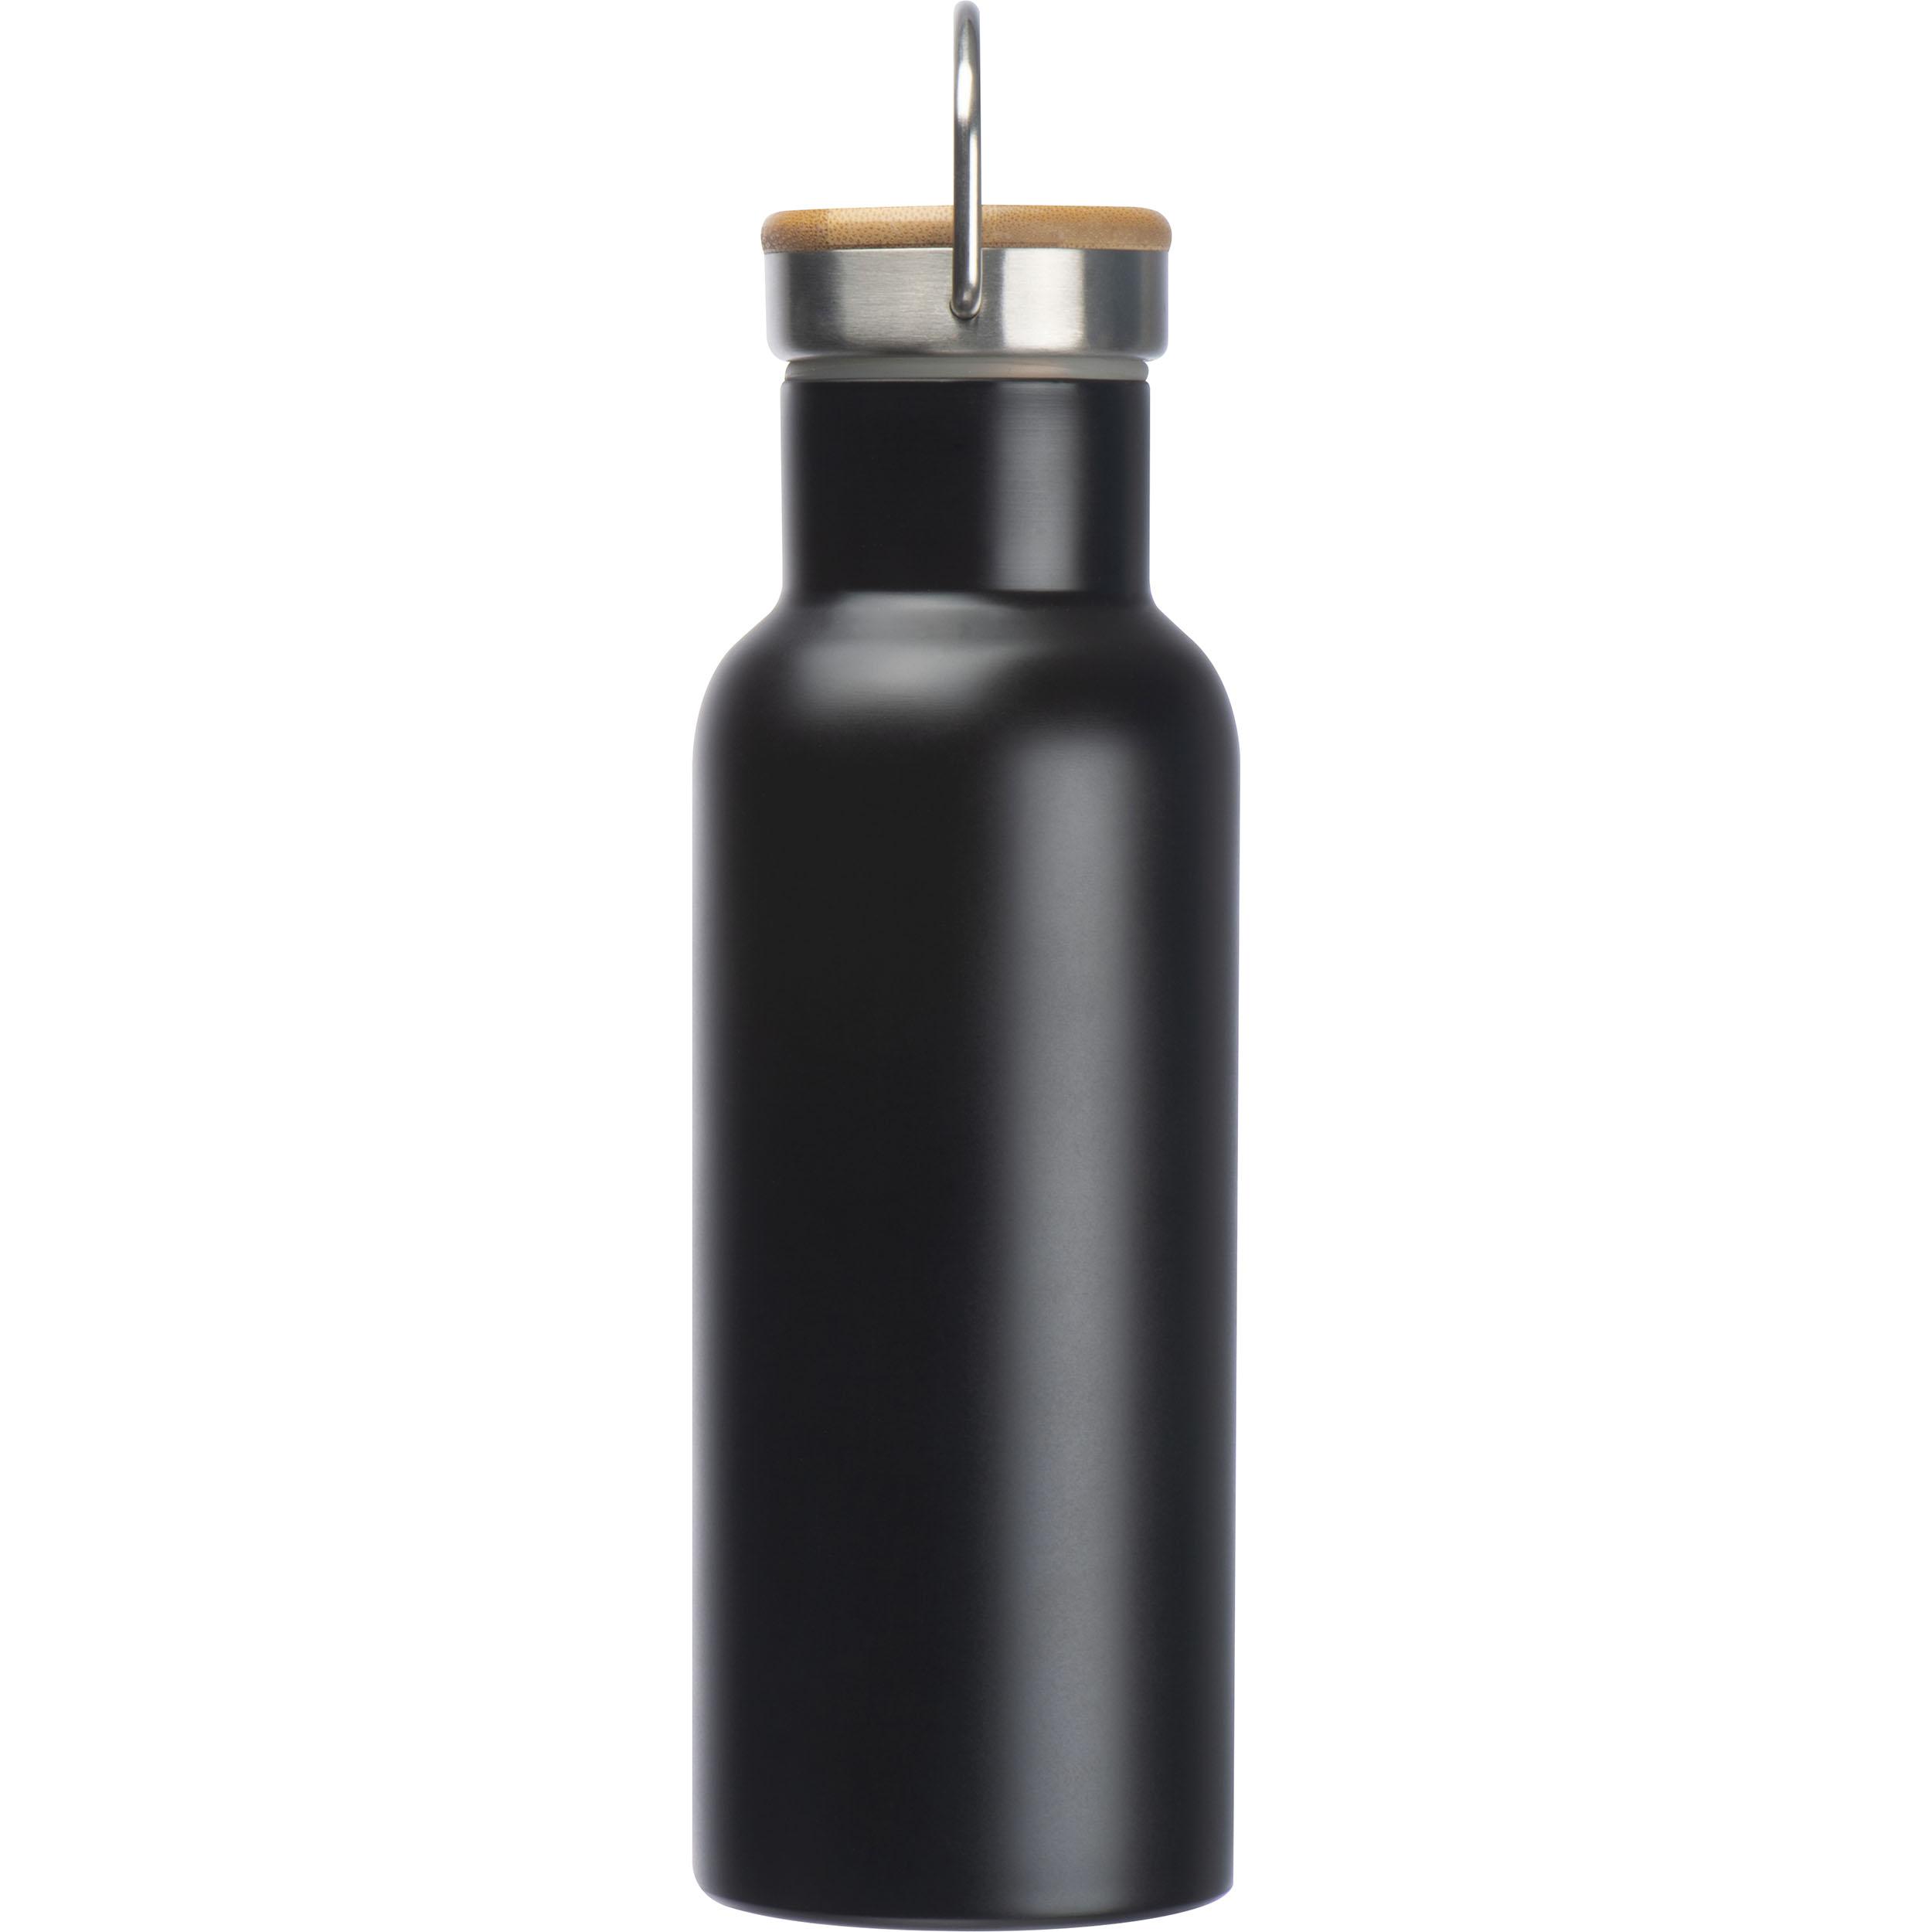 Vakuum-Trinkflasche aus Edelstahl, 500 ml